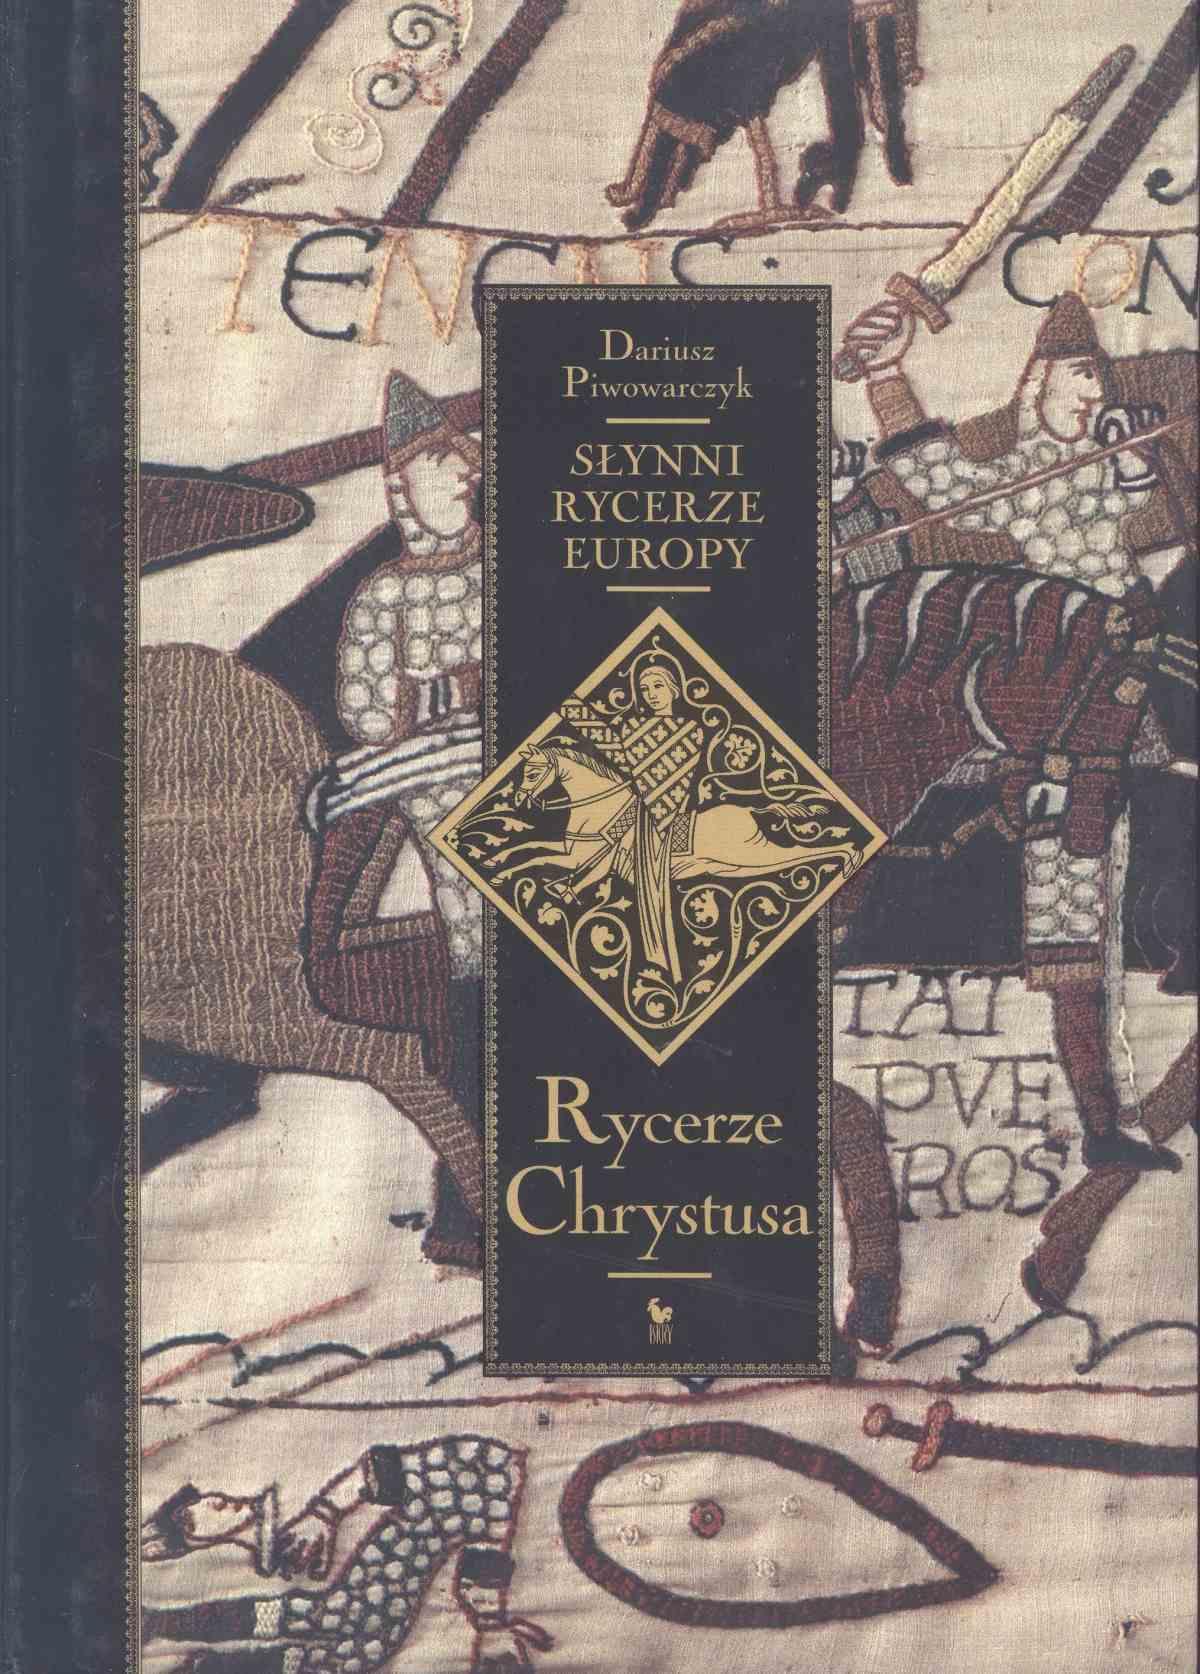 Słynni rycerze Europy. Tom 1. Rycerze Chrystusa - Ebook (Książka na Kindle) do pobrania w formacie MOBI